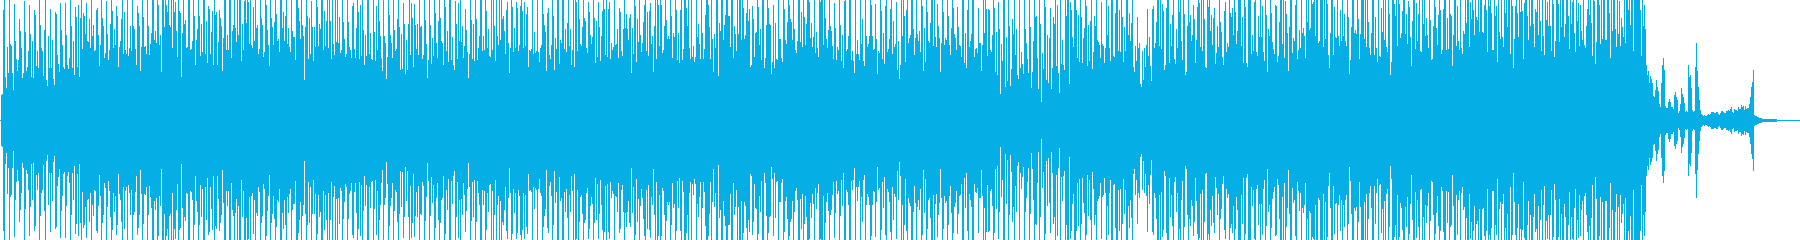 尺八とアコーディオンのオシャレテクノの再生済みの波形